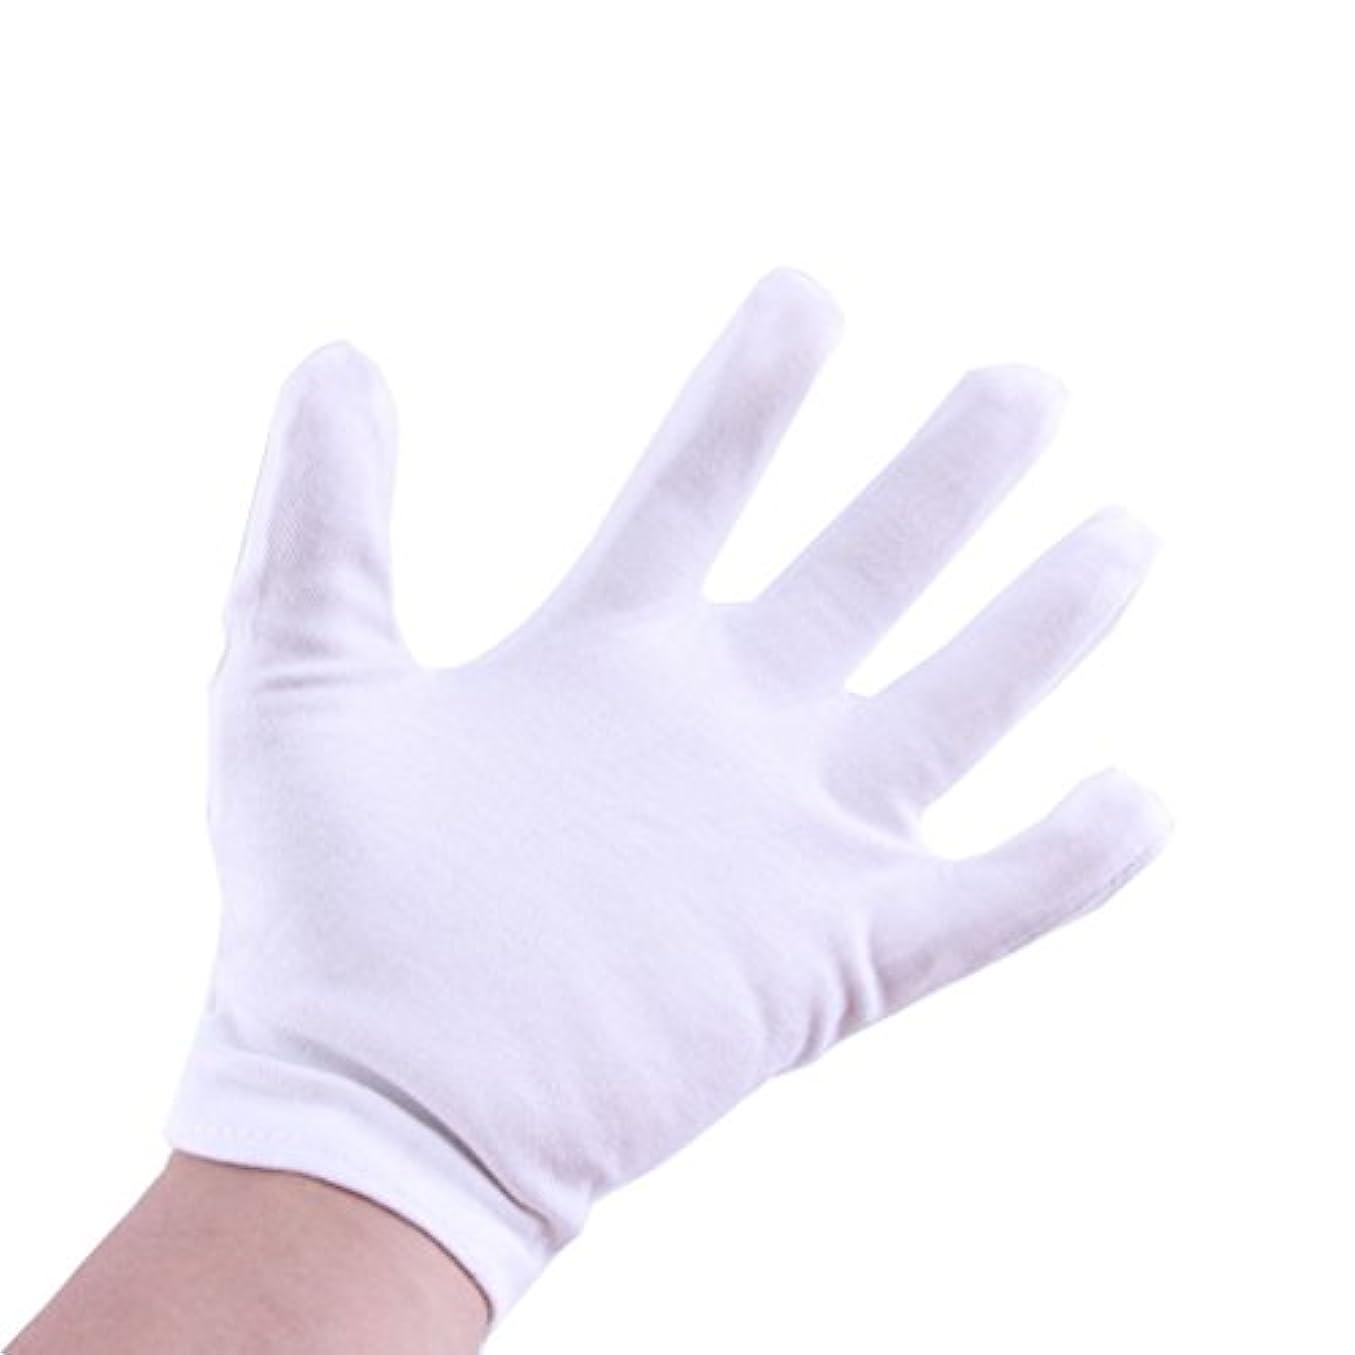 興奮する休暇不規則性12双組 コットン手袋 / 純綿100% 作業用 手荒れ予防 白手袋